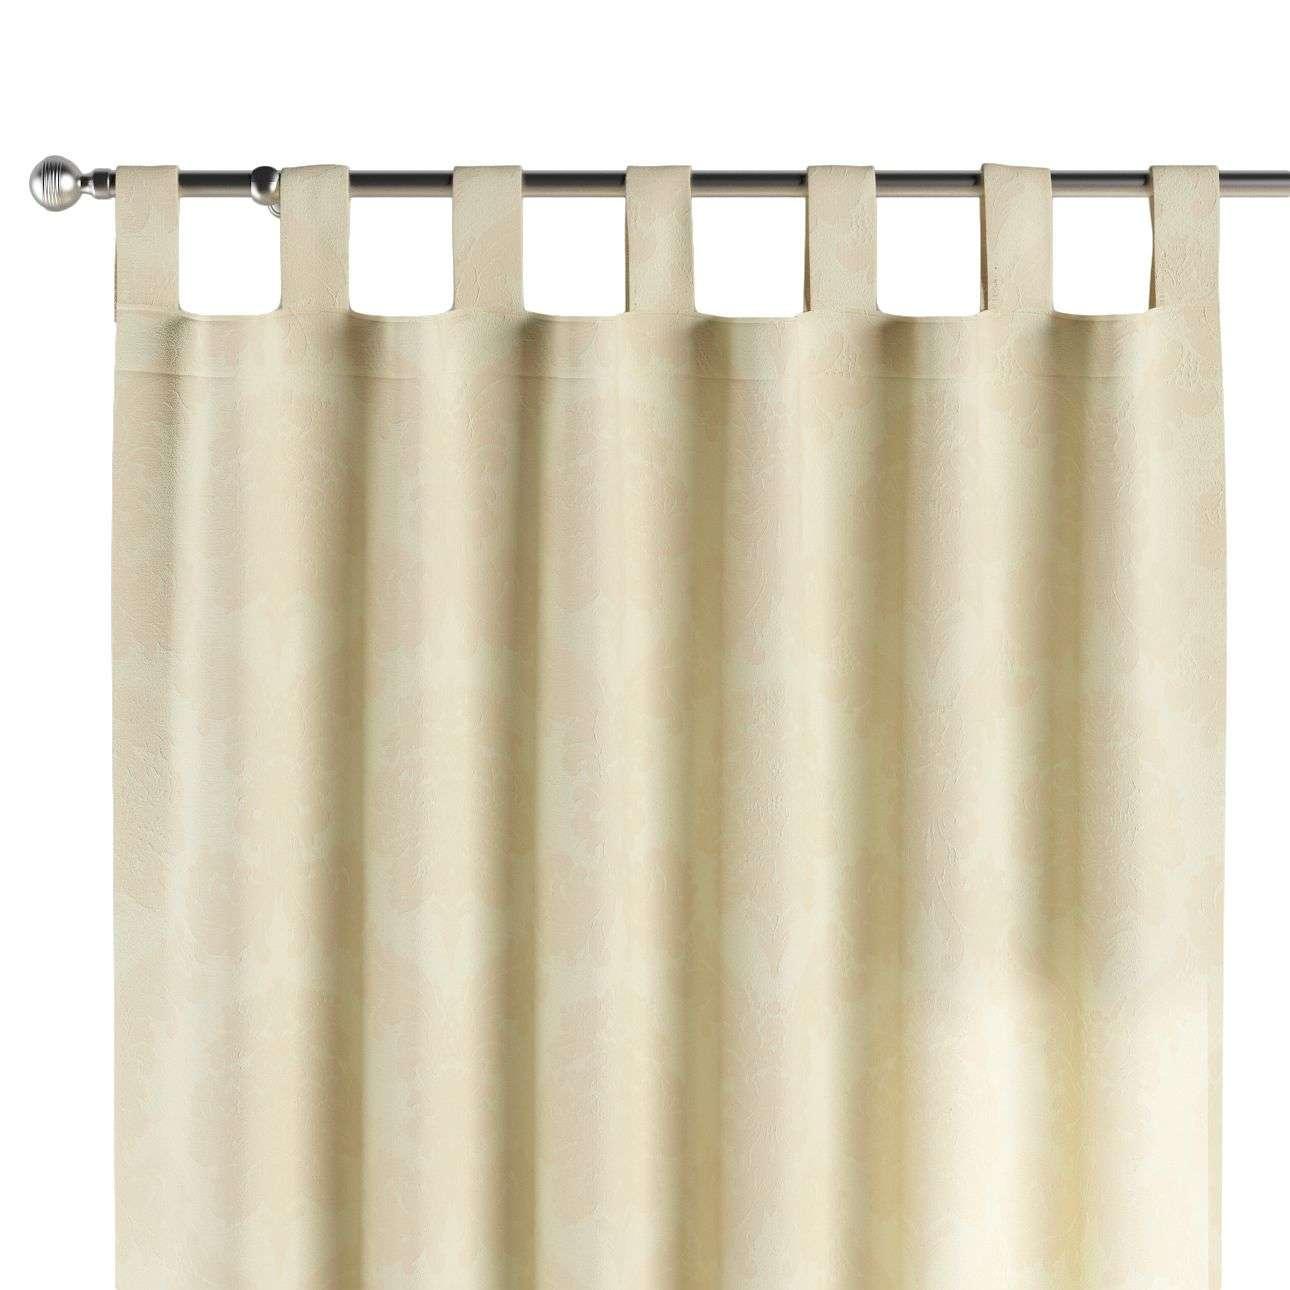 Gardin med stropper 130 x 260 cm fra kollektionen Damasco, Stof: 613-01